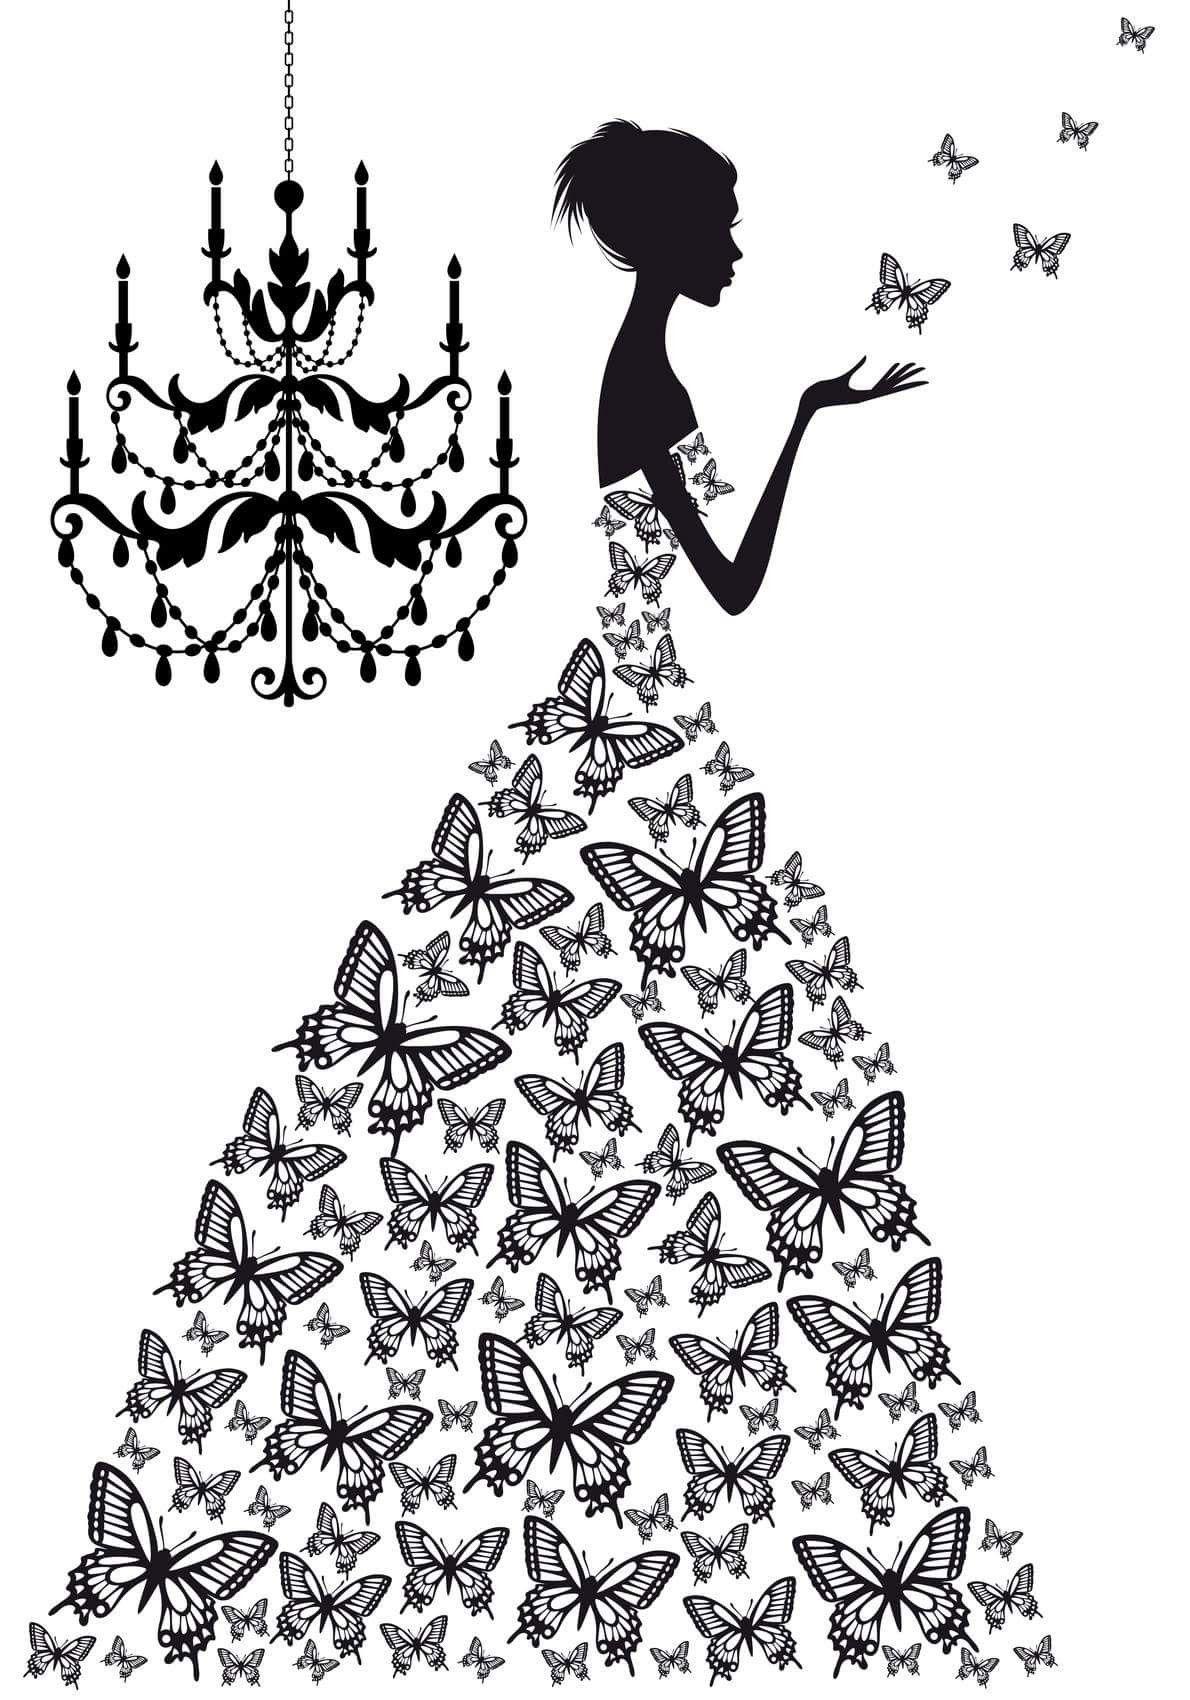 Pin by Rebecca K on SVG Cricut stuff Butterfly dress